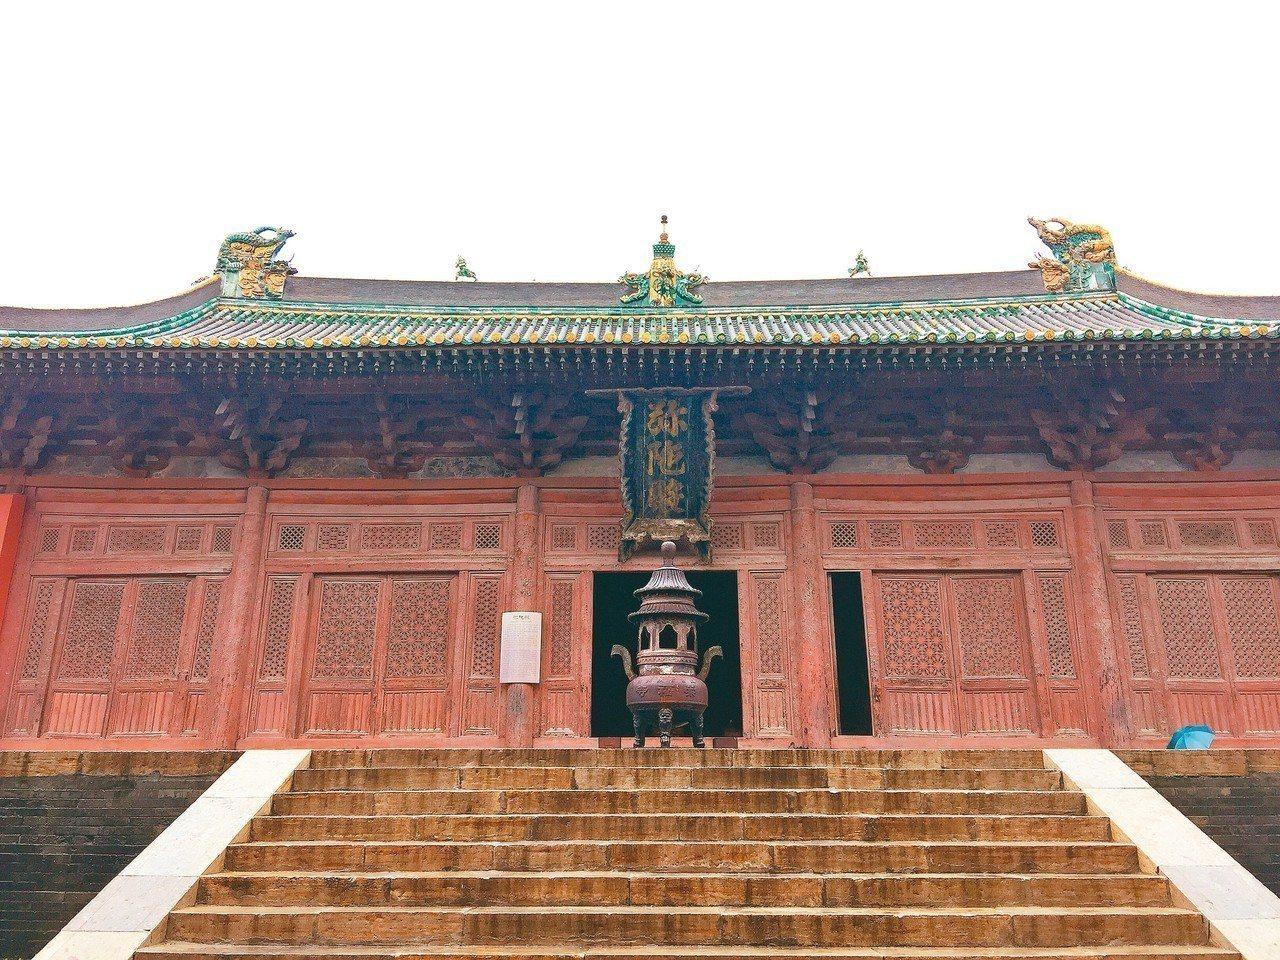 崇福寺內的彌陀殿,建築精美,以「金代五絕」著稱。